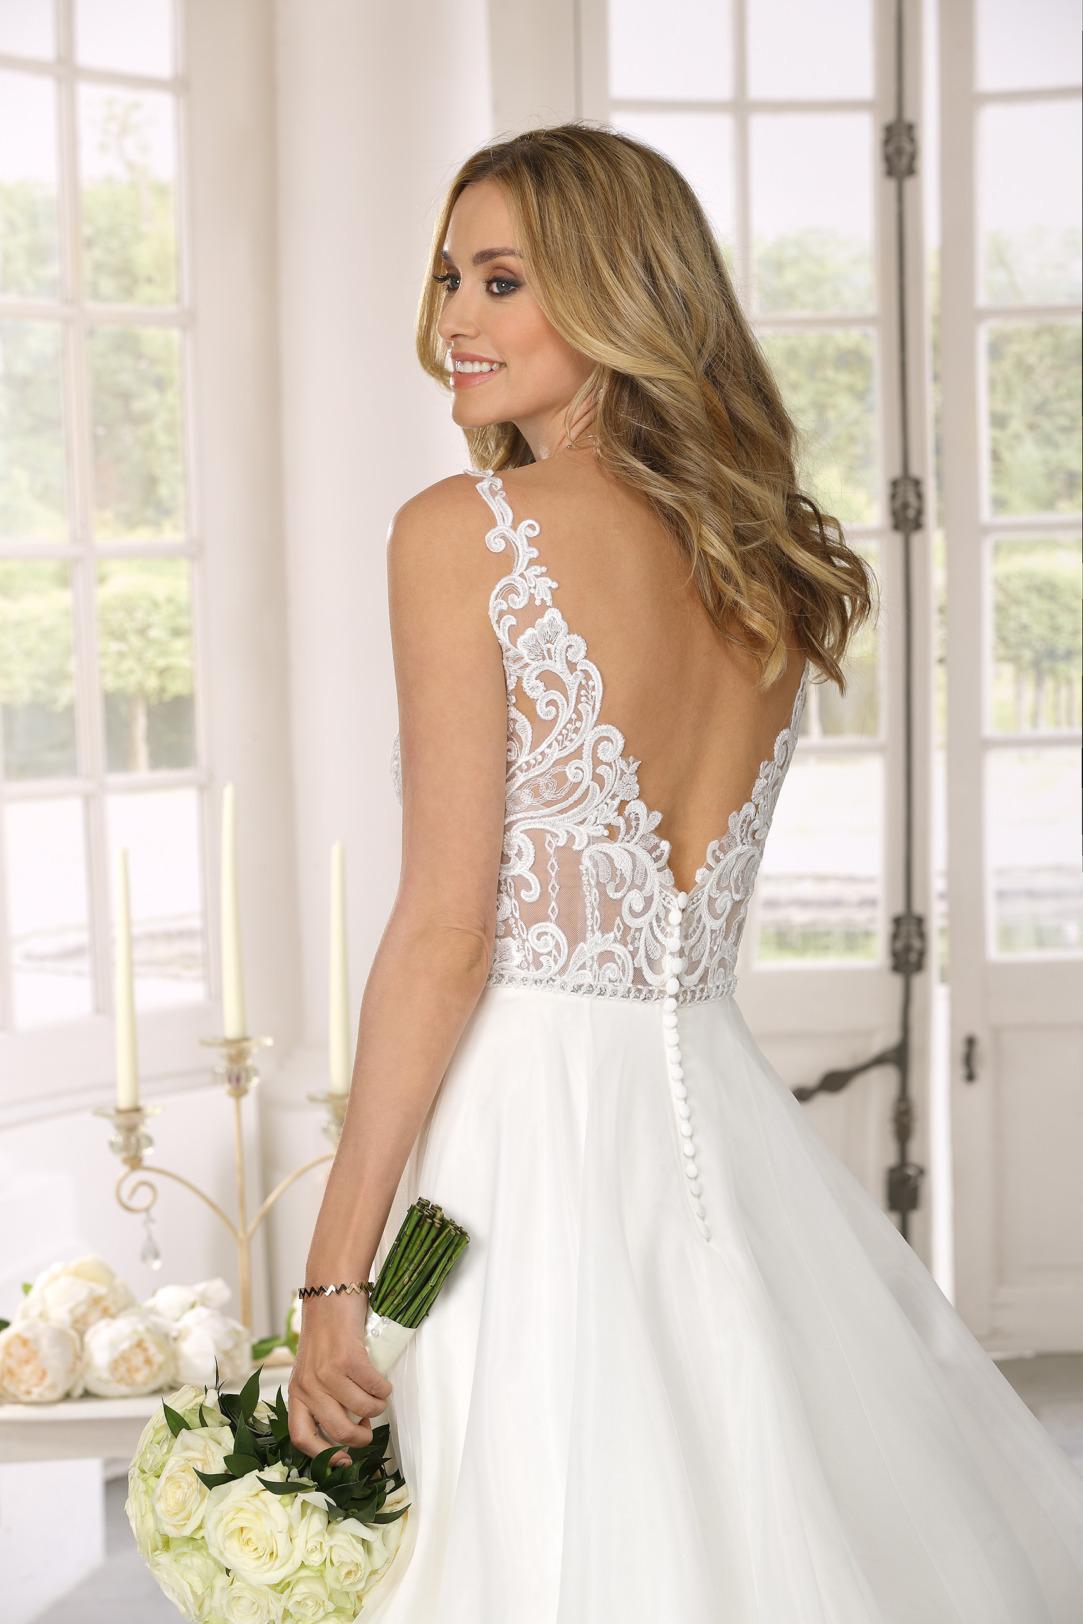 Nahaufnahme Rücken Hochzeitskleid in A Linie von Ladybird Modell 321092 mit transparenter Spitze nur im Oberteil. Brautkleid in A-Linie mit V- Ausschnitt und weitem Satinrock